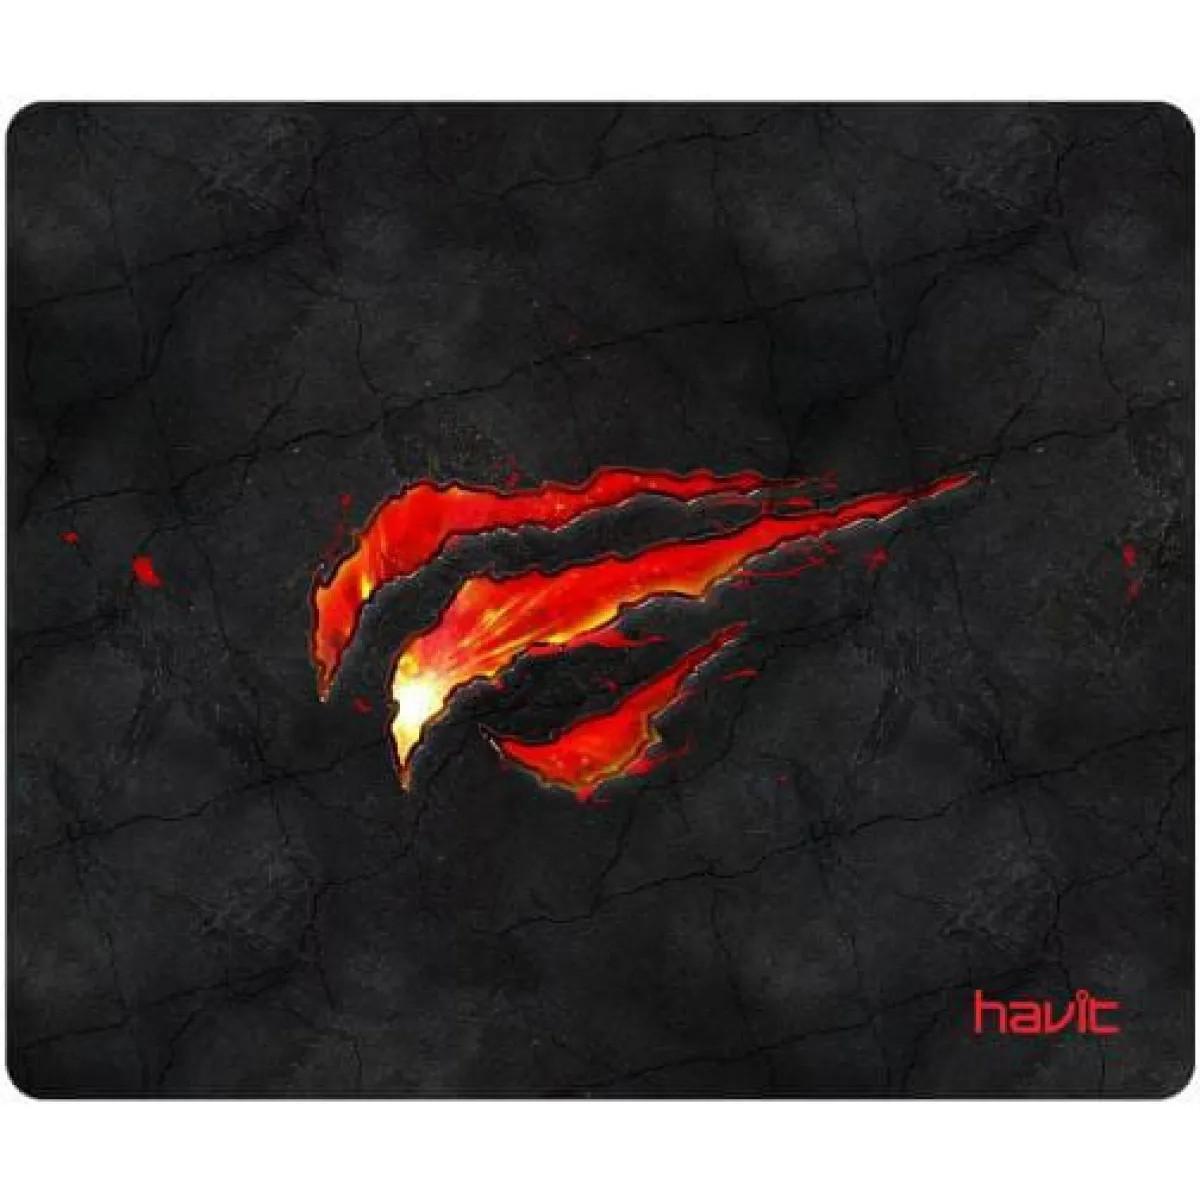 Mousepad Gamer Havit MP837 25x20cm Reforçado Anti-Derrapante e Respingo